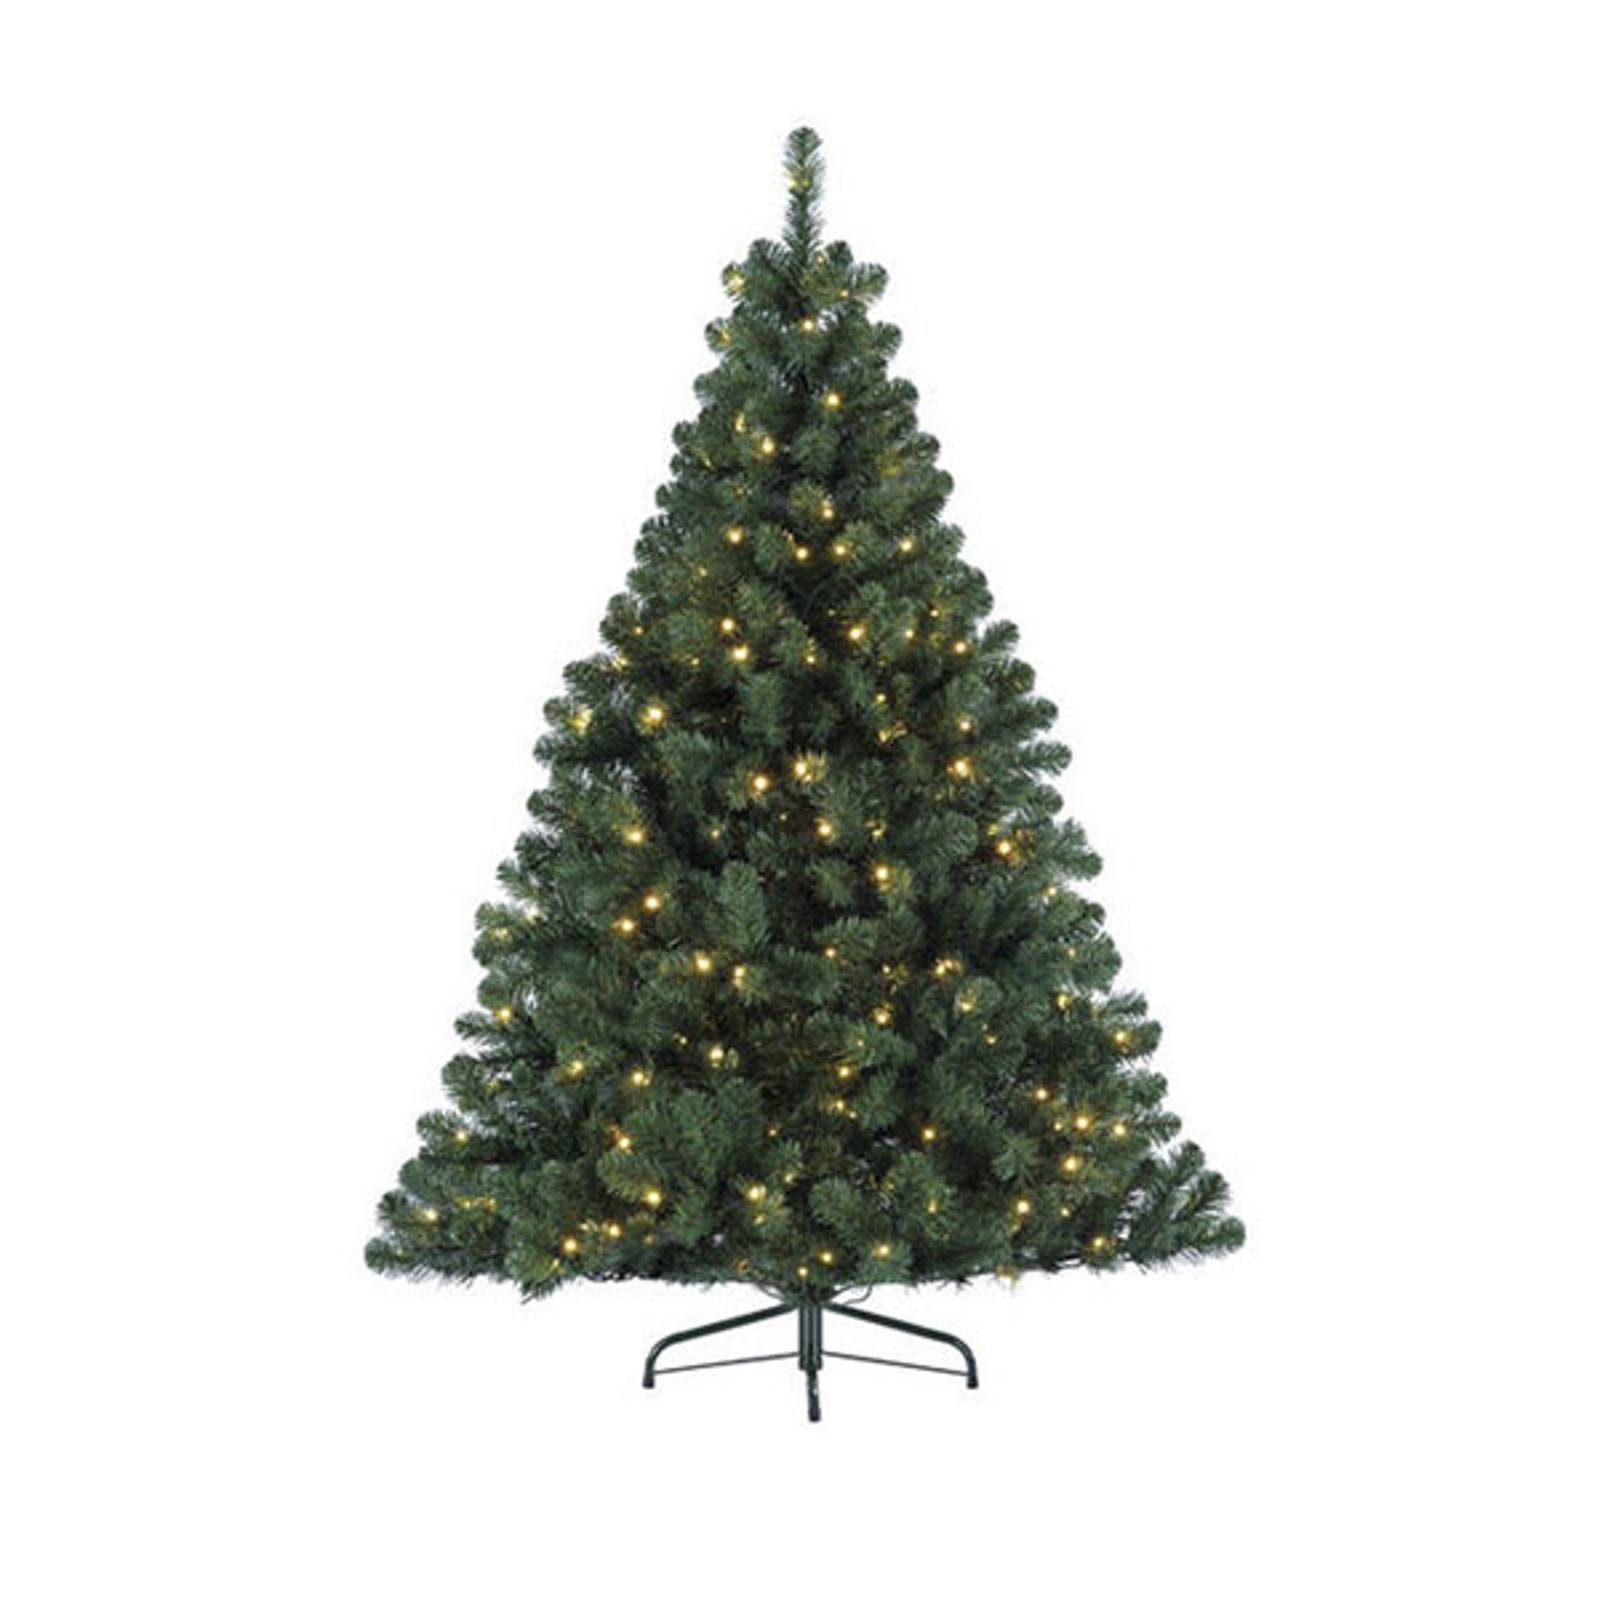 LED-Baum Imperial für innen, grün, 150 cm